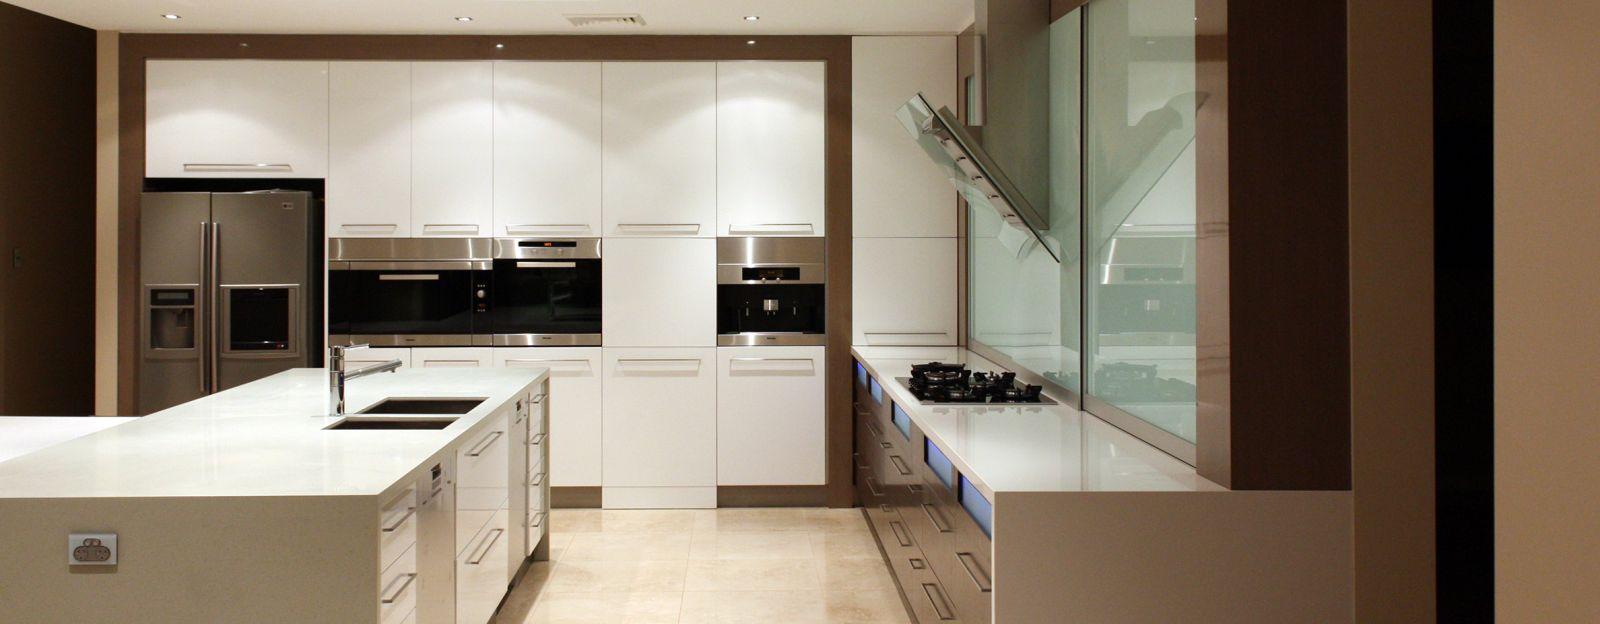 unique home design